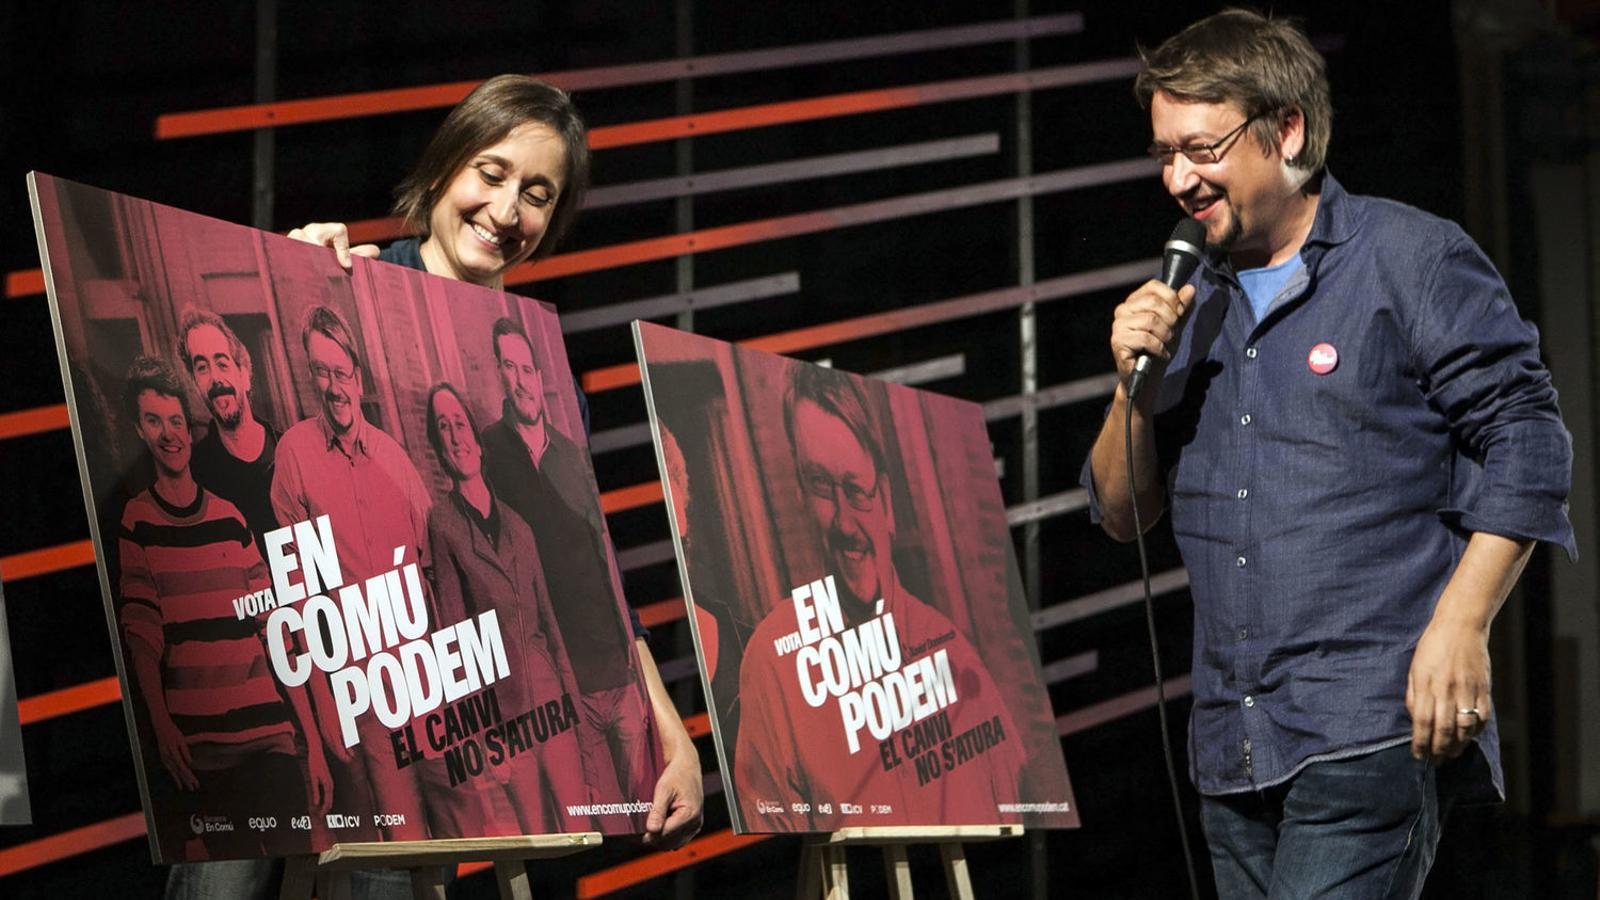 La diputada d'En Comú Podem, Marta Sibina, declina fer campanya per Domènech per equiparar la DUI amb el 155